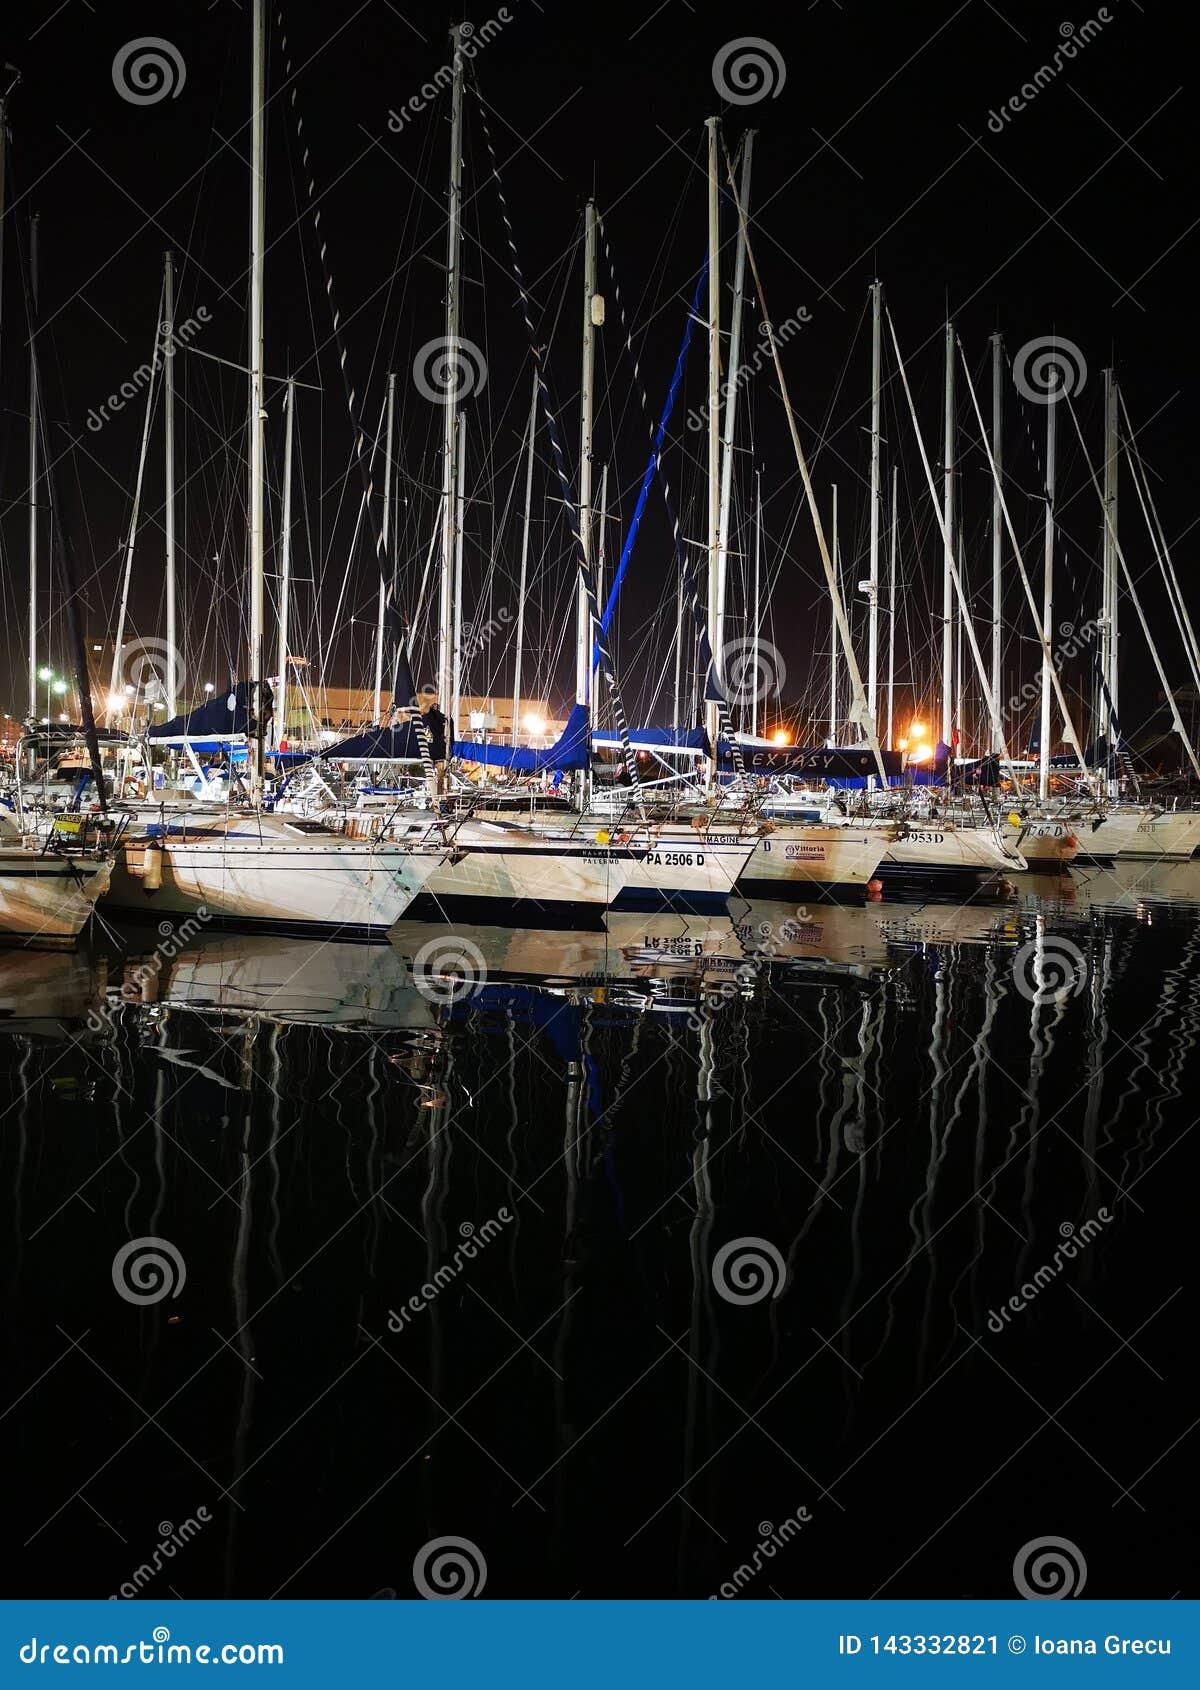 Segelyachtboote im Hafen von Palermo, Italien